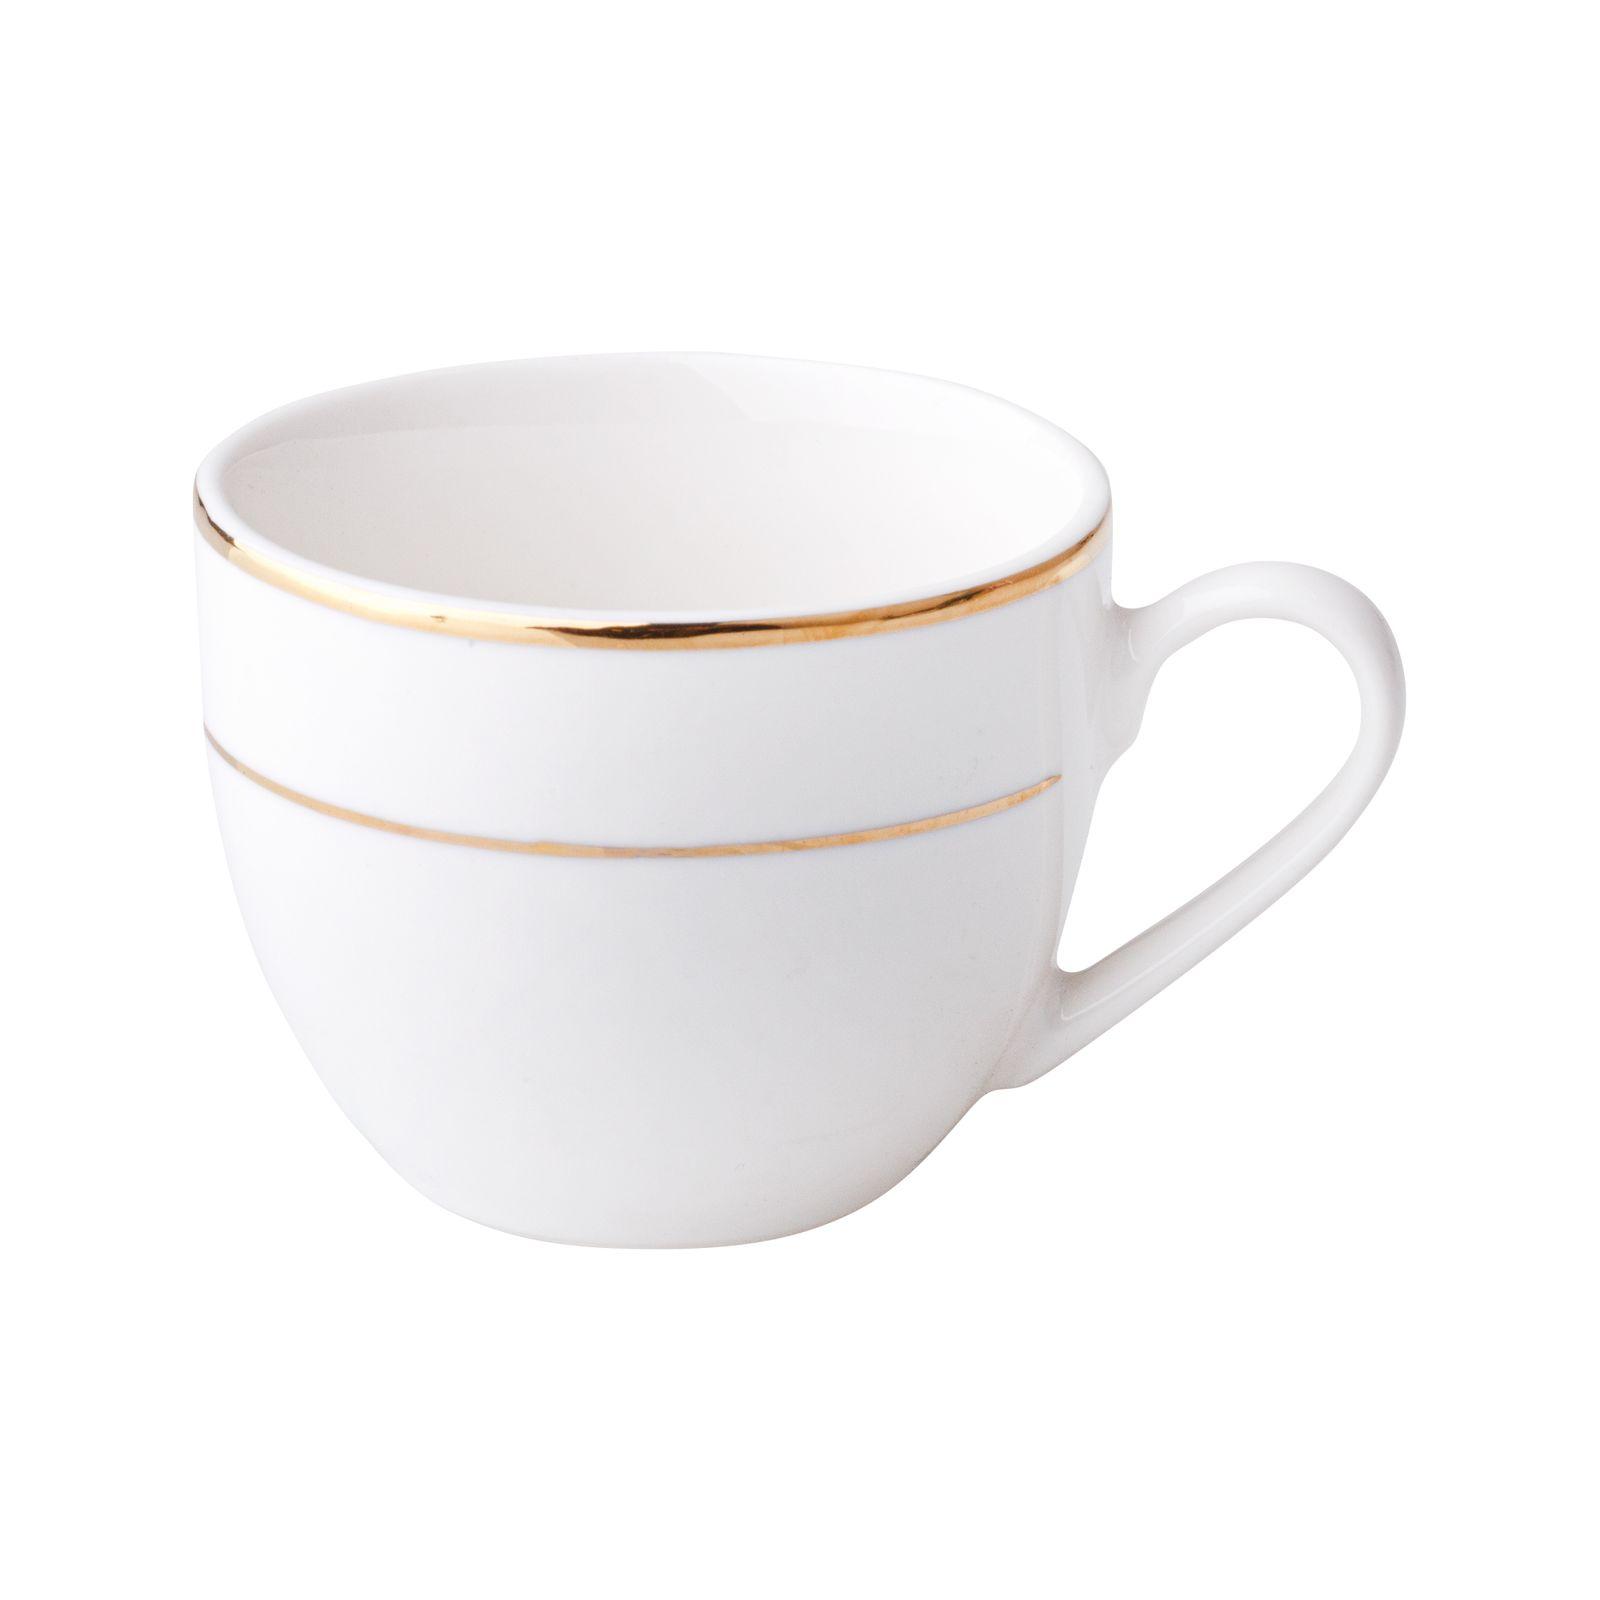 Taza de café expreso Aura Gold 9 cl AMBITION